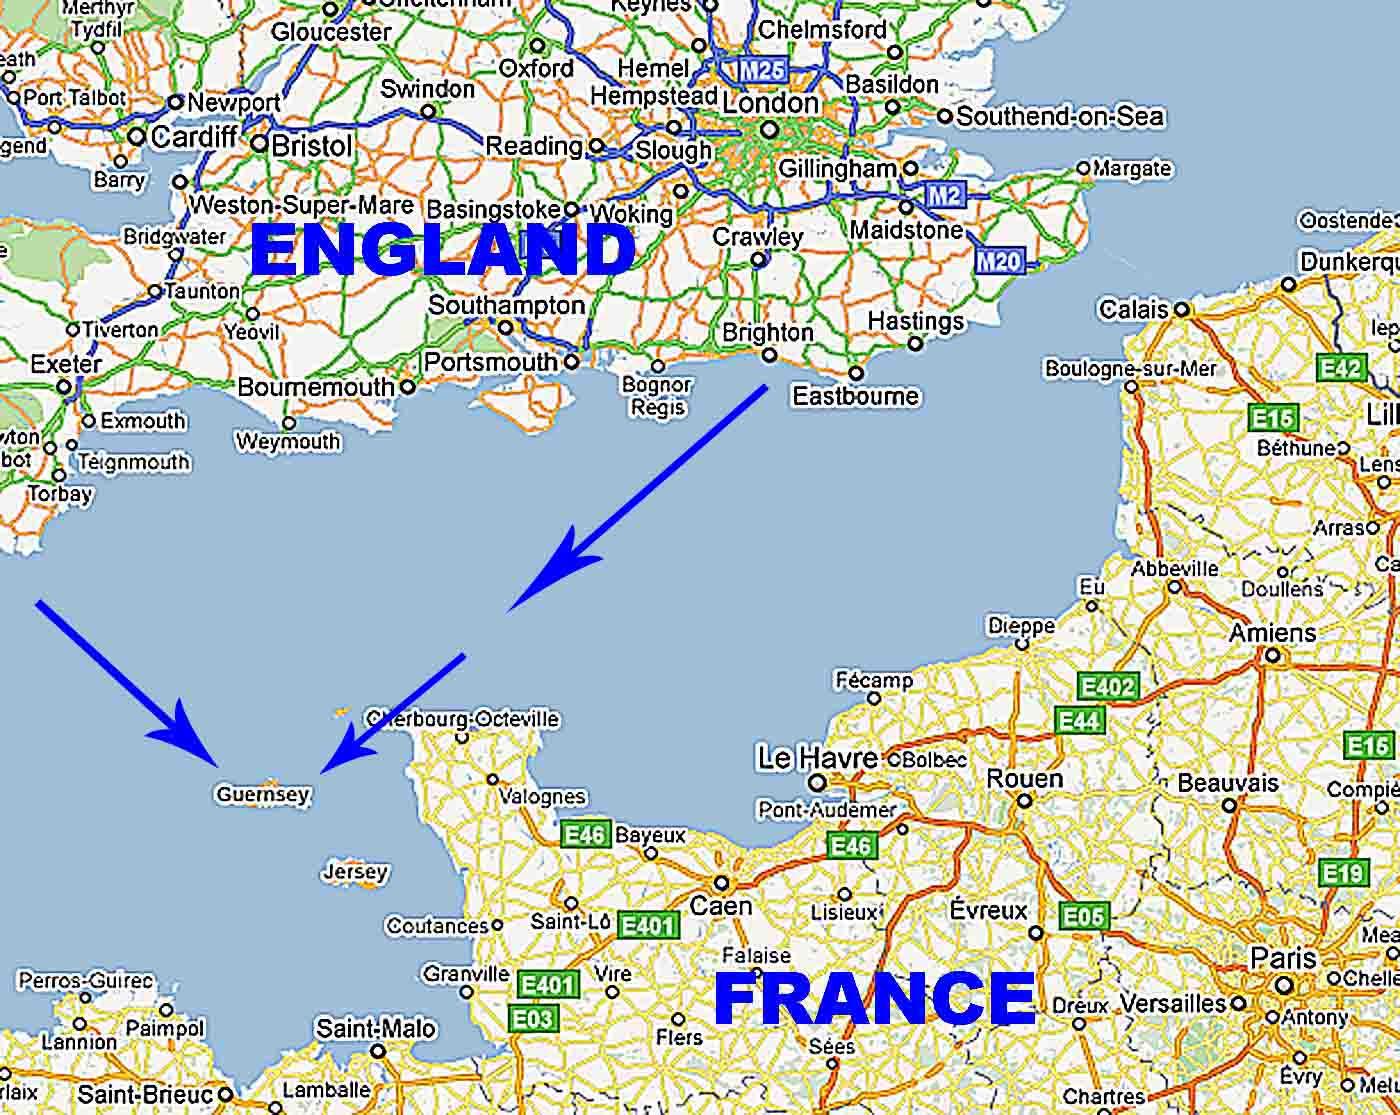 guernsey map.jpg